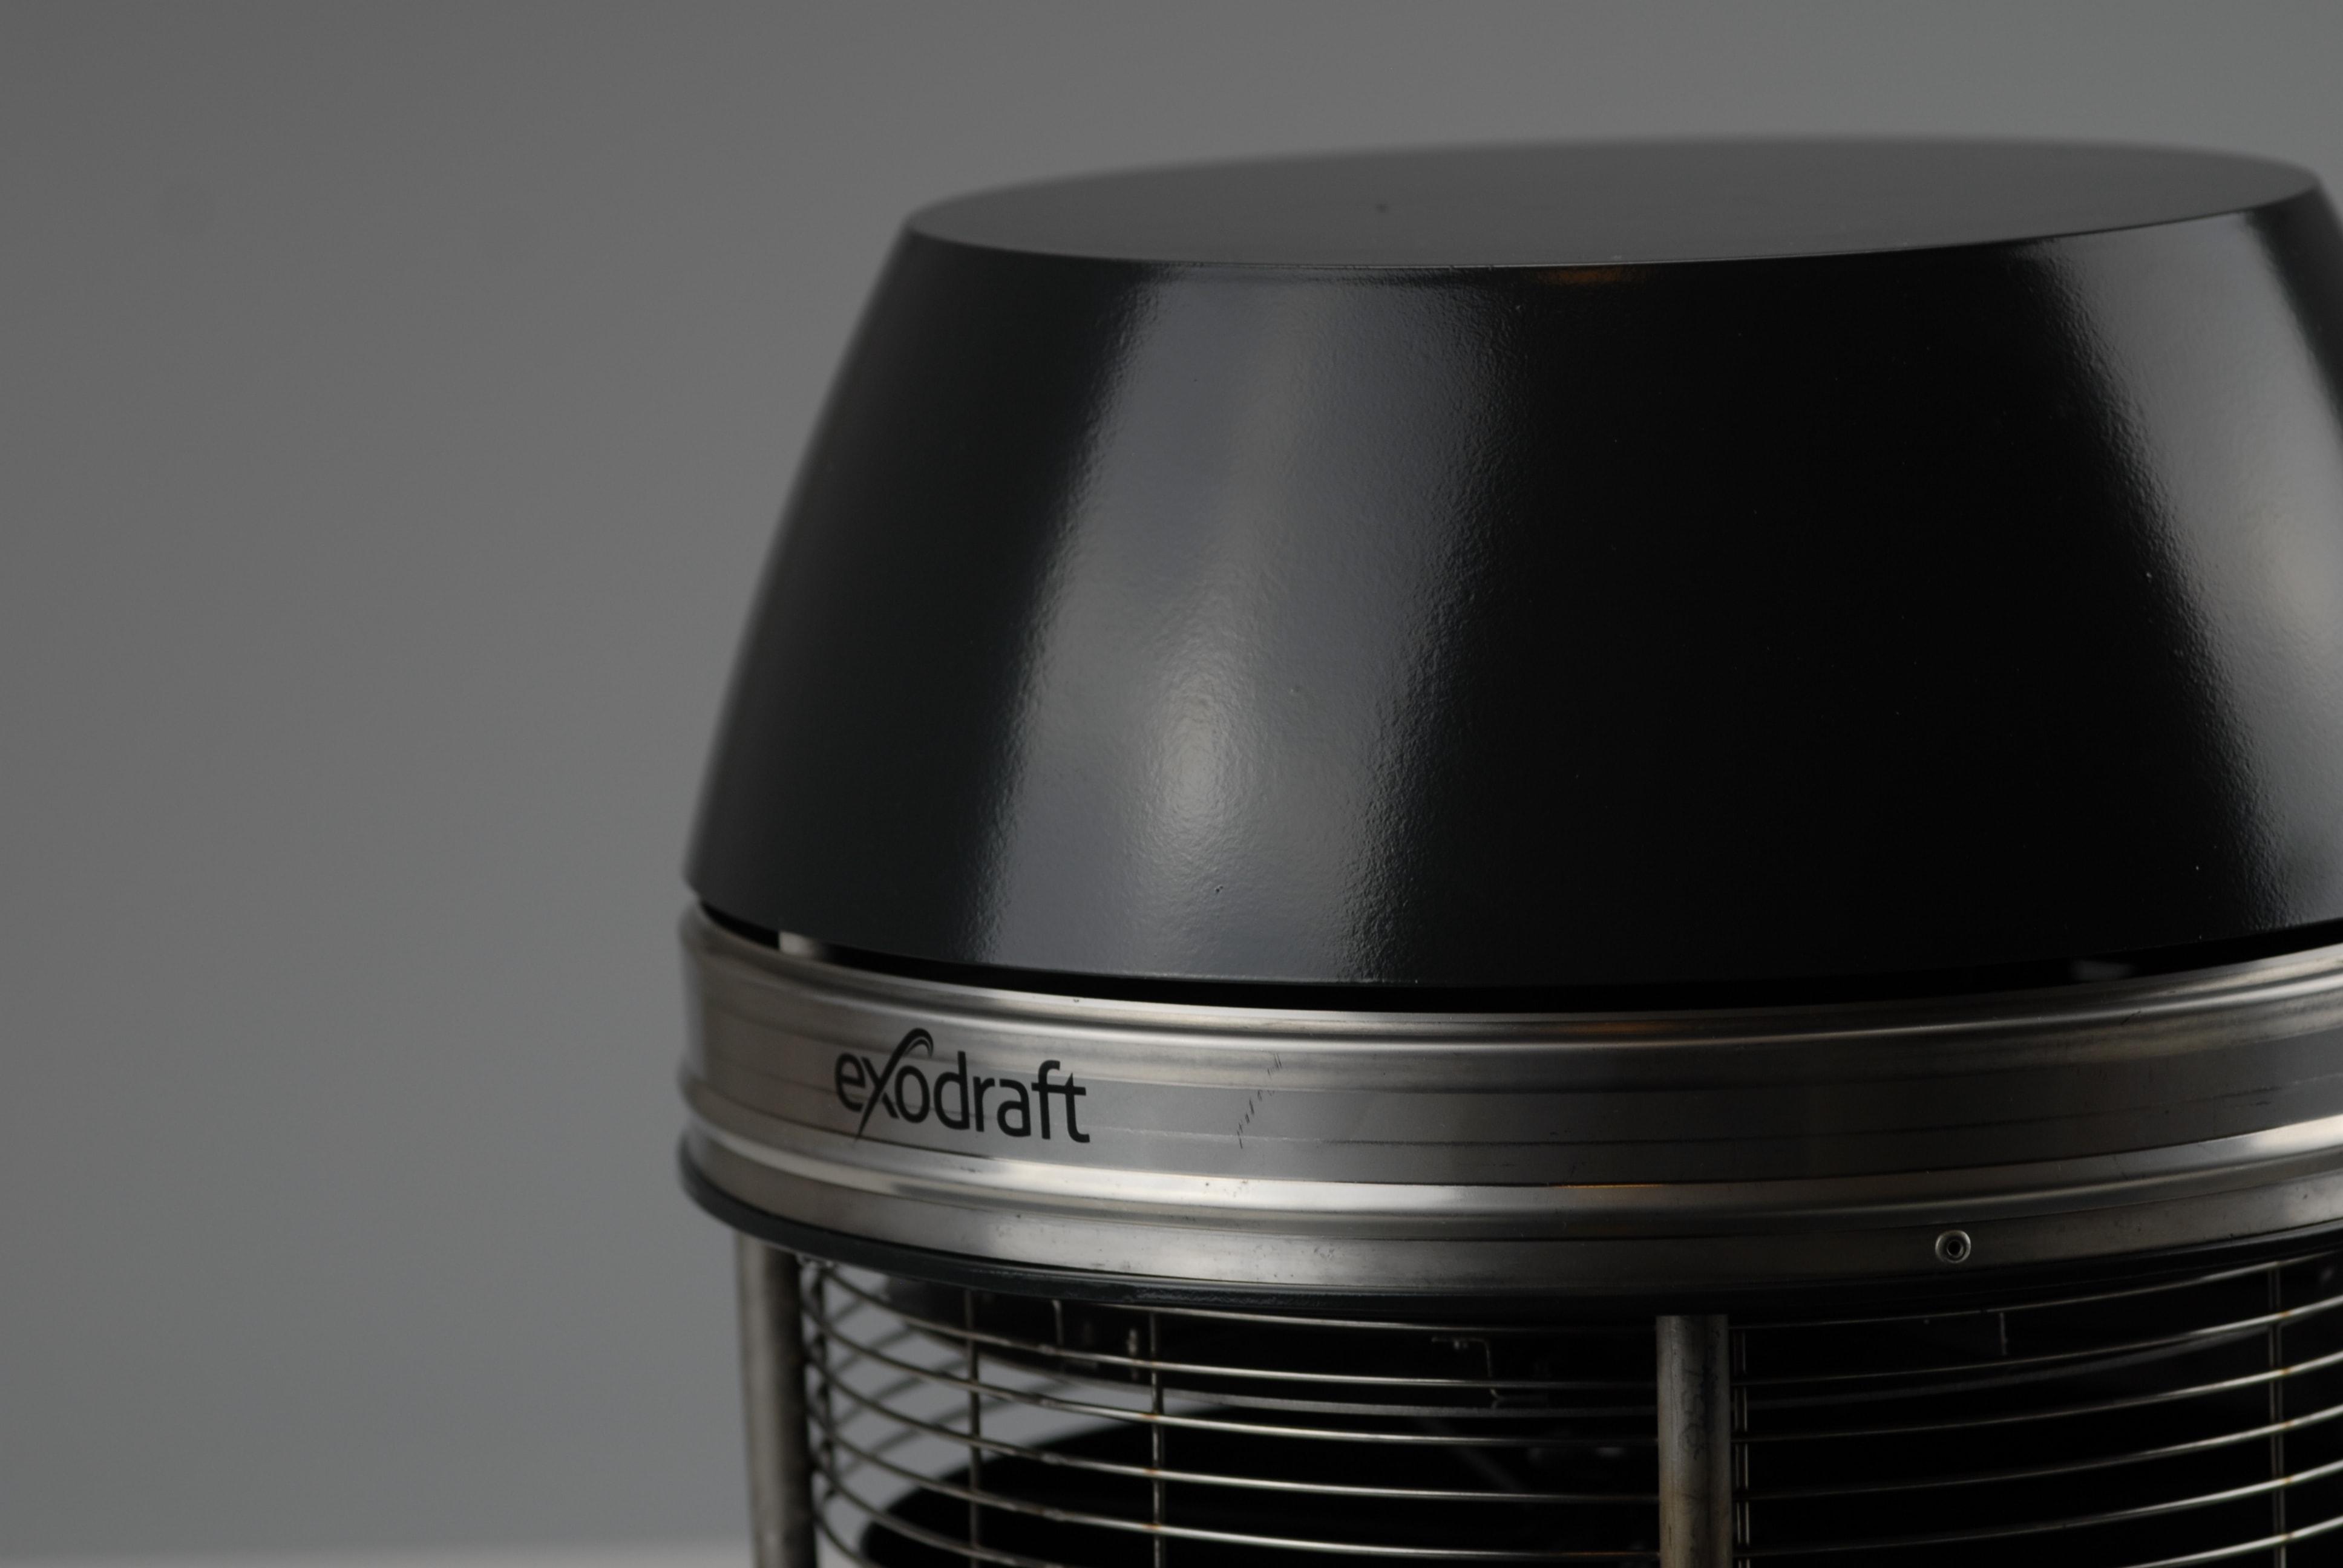 varmegenvinding-exodraft-top-smal-1000x100.jpg